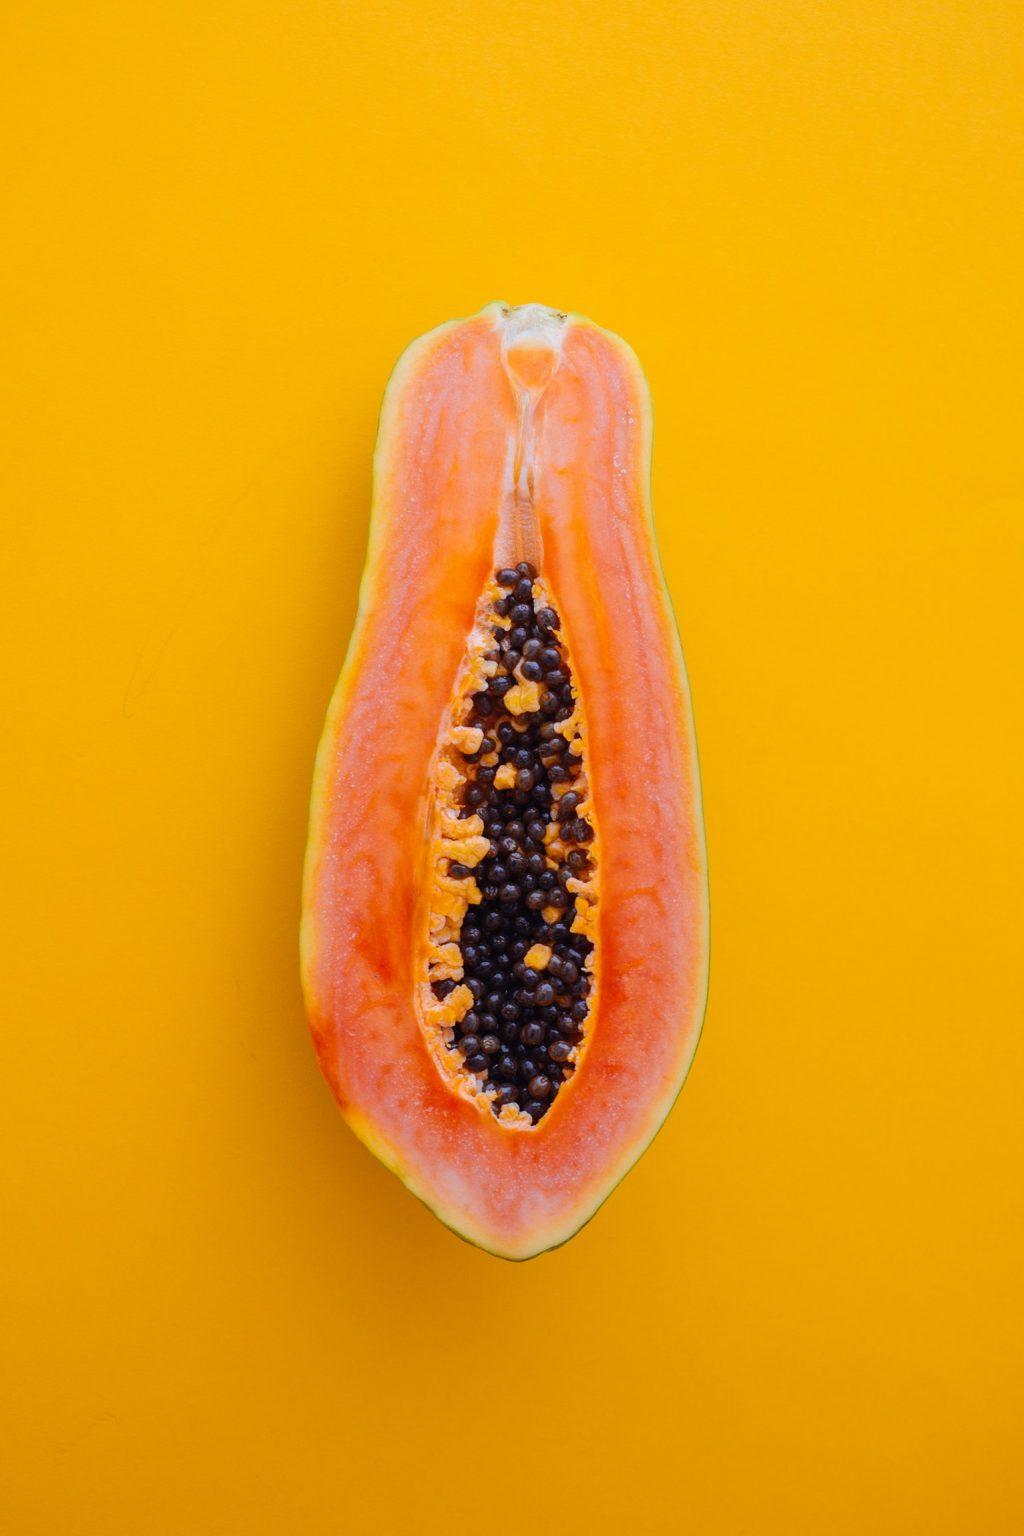 trái cây giải nhiệt - miếng đu đủ